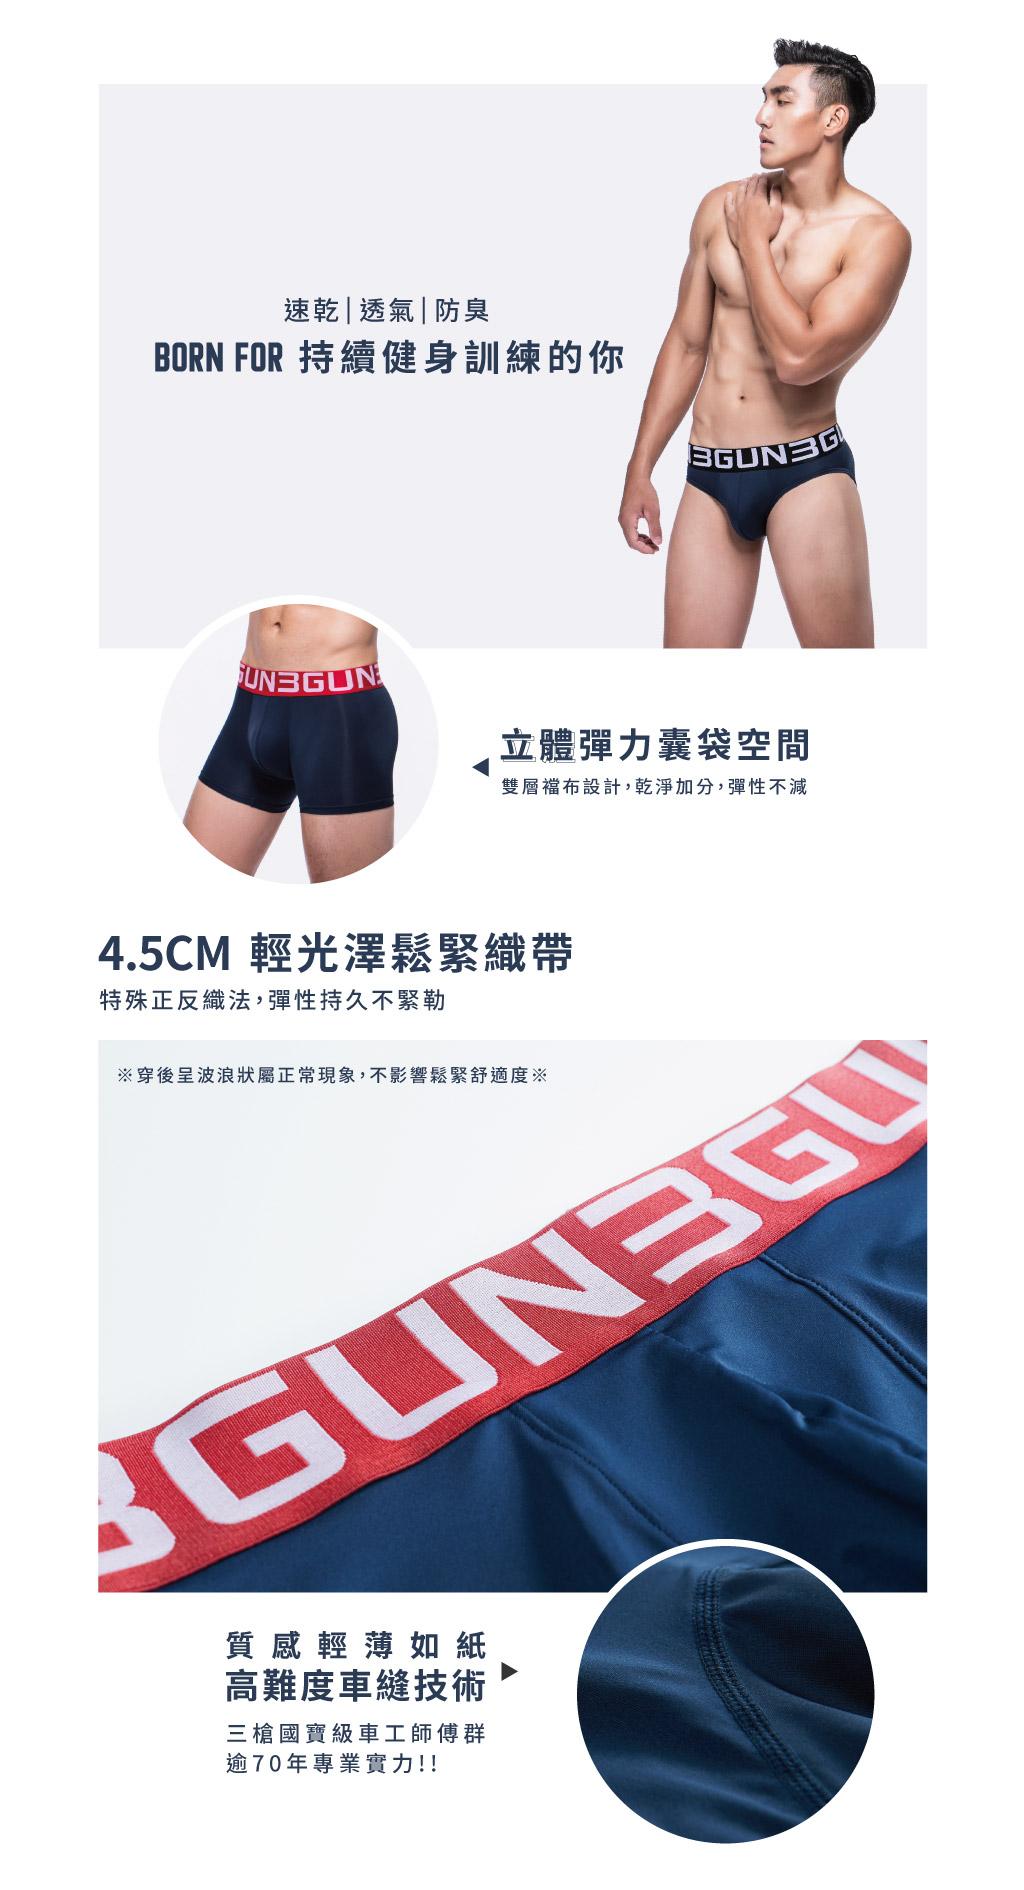 復刻3入男真快乾三角褲組-吸排-3GUN |男性時尚內衣褲MIT品牌